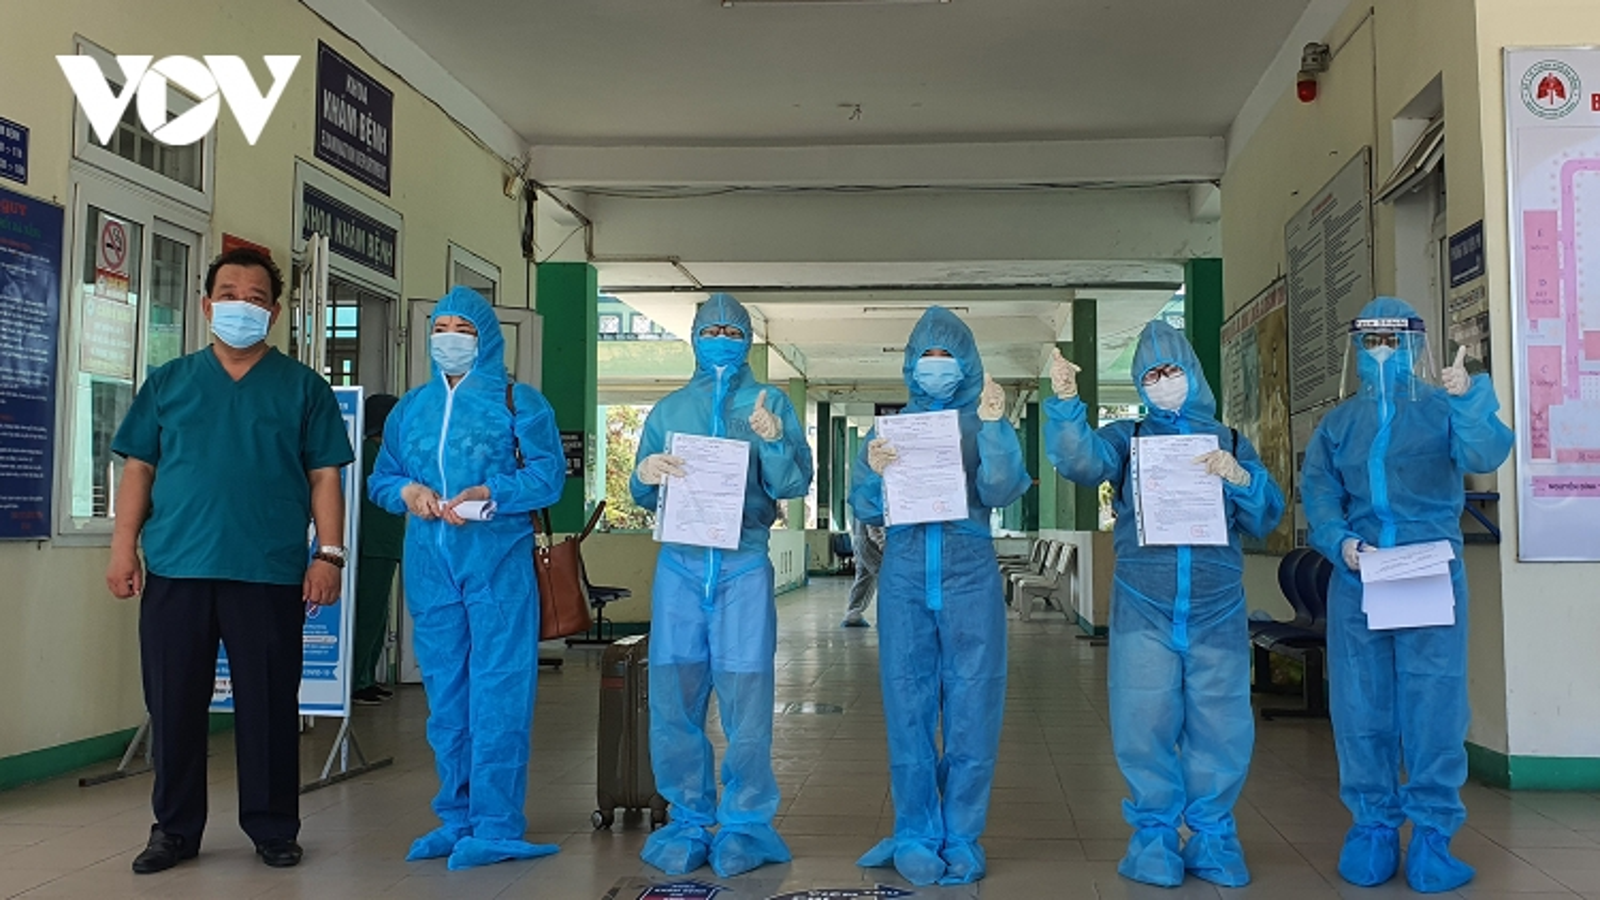 Thêm nhiềubệnh nhân ở Đà Nẵng, Quảng Ngãi âm tính với SARS-CoV-2 đượcra viện